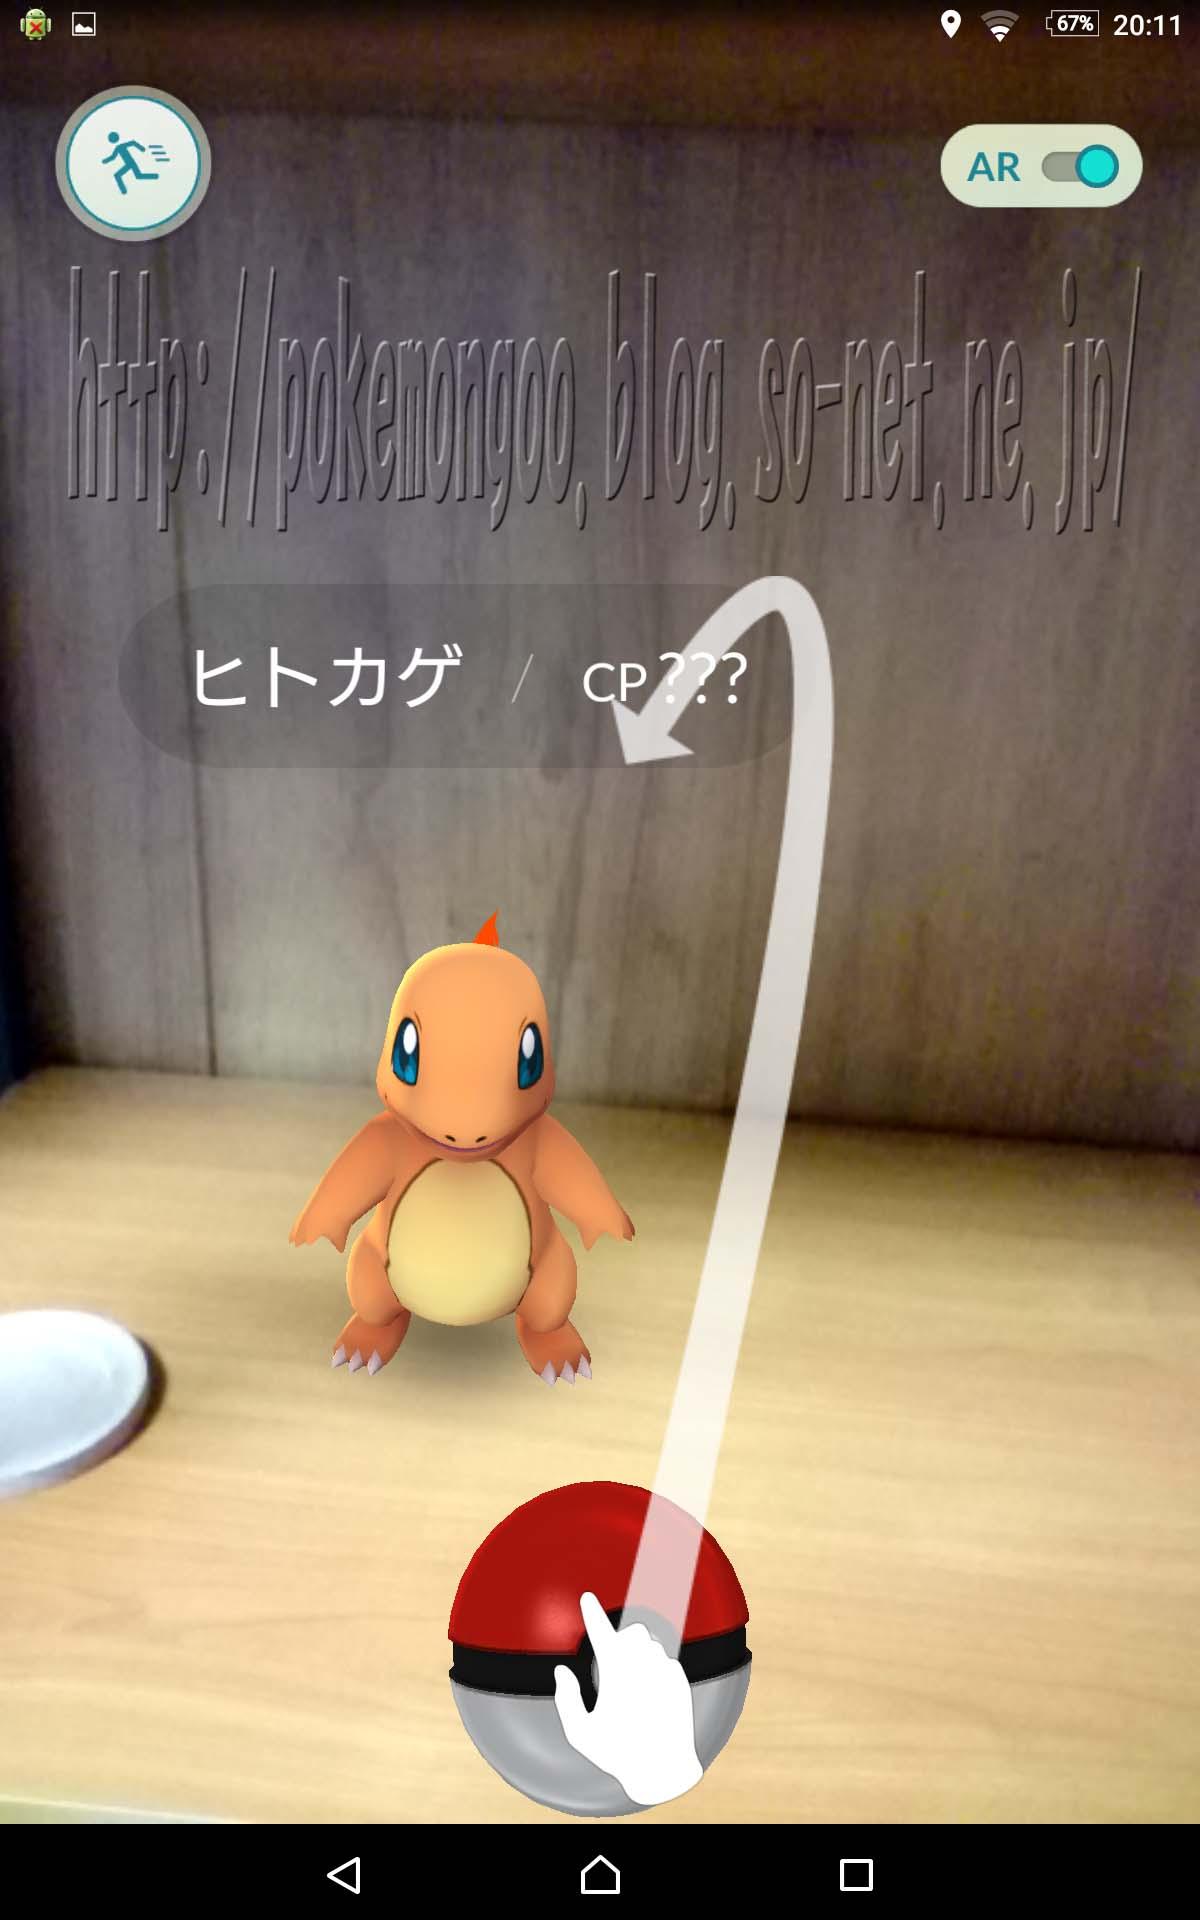 ポケモンgoの遊び方!家の中で見つけ捕獲するやり方 - ポケモンgo